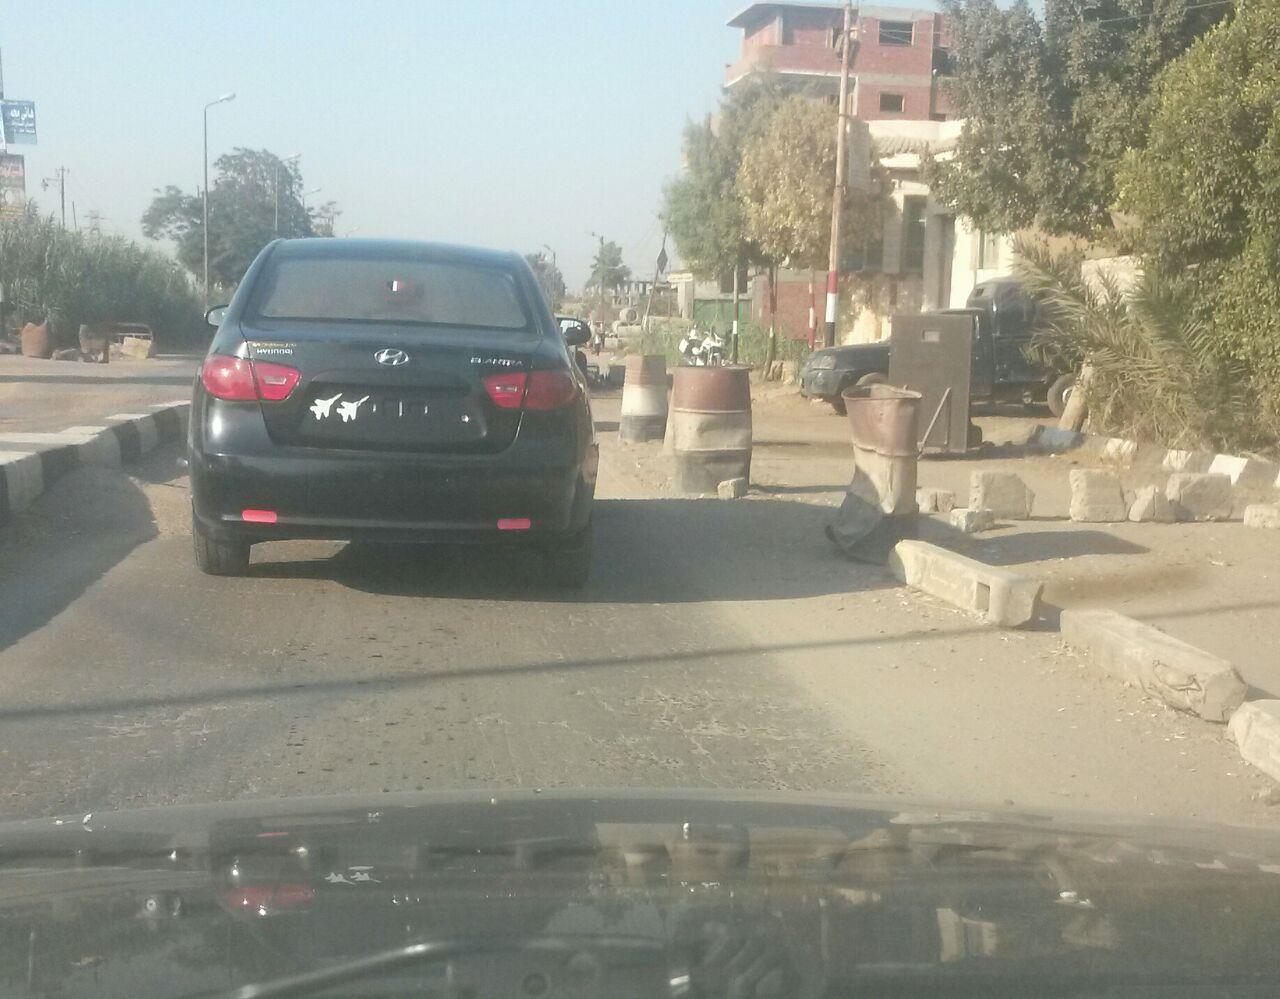 سيارة تسير بدون نمر أمام لجنة مرور منيا القمح بمحافظة الشرقية دون إعتراض المسئولين عن الكمين (صور)